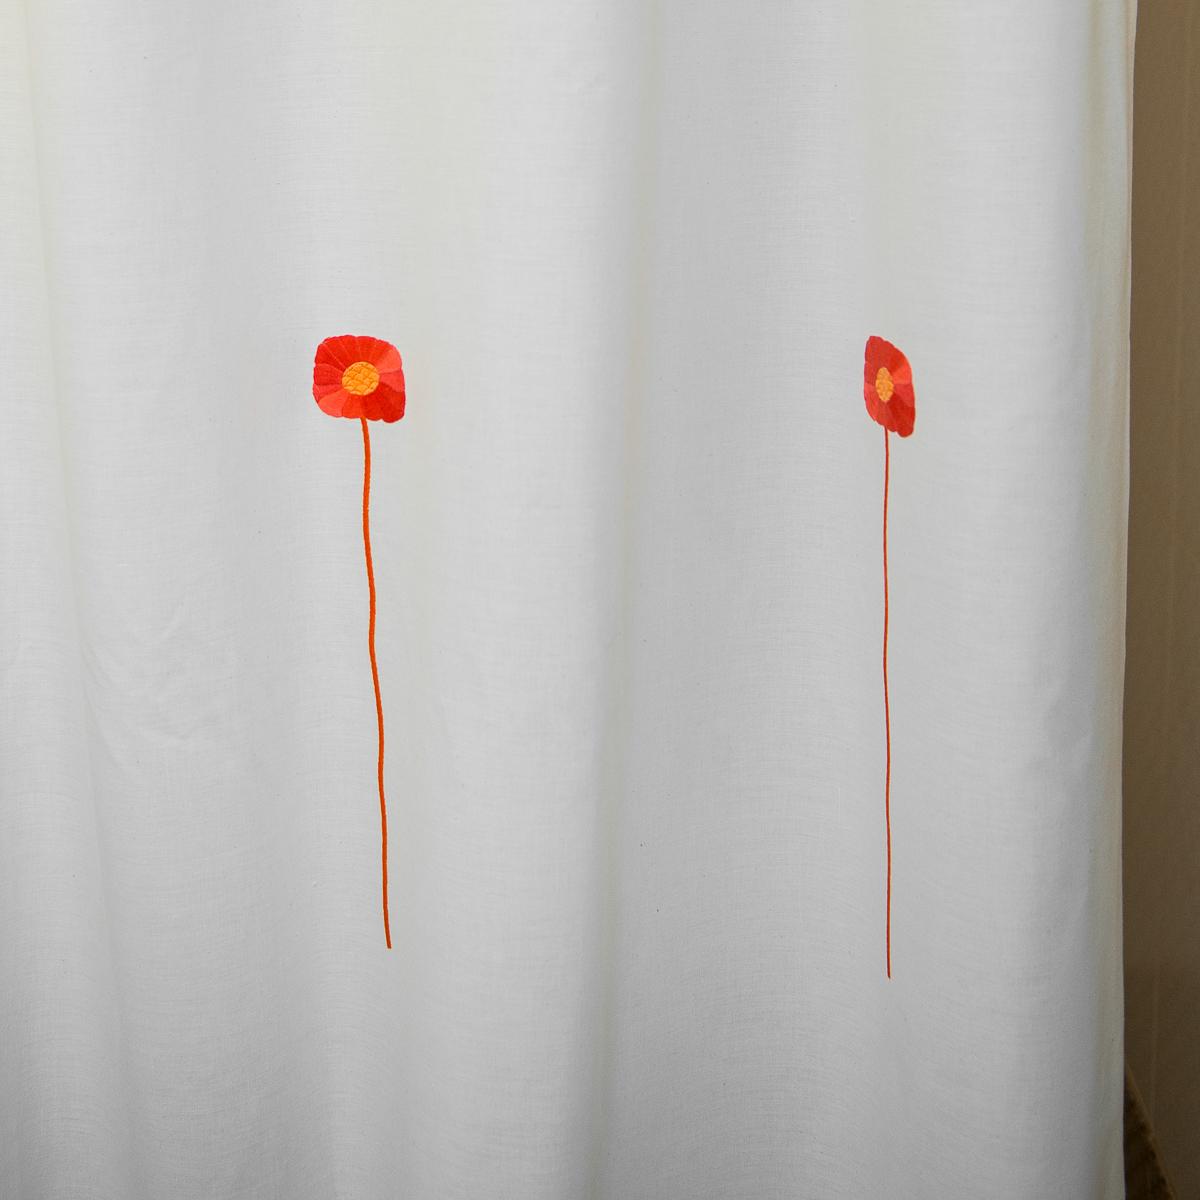 Шторки Шторка для ванной 180x200 Arti-Deco Tudela C. Orange elitnaya-shtorka-dlya-vannoy-tudela-c-orange-ot-arti-deco-ispaniya-risunok.jpg